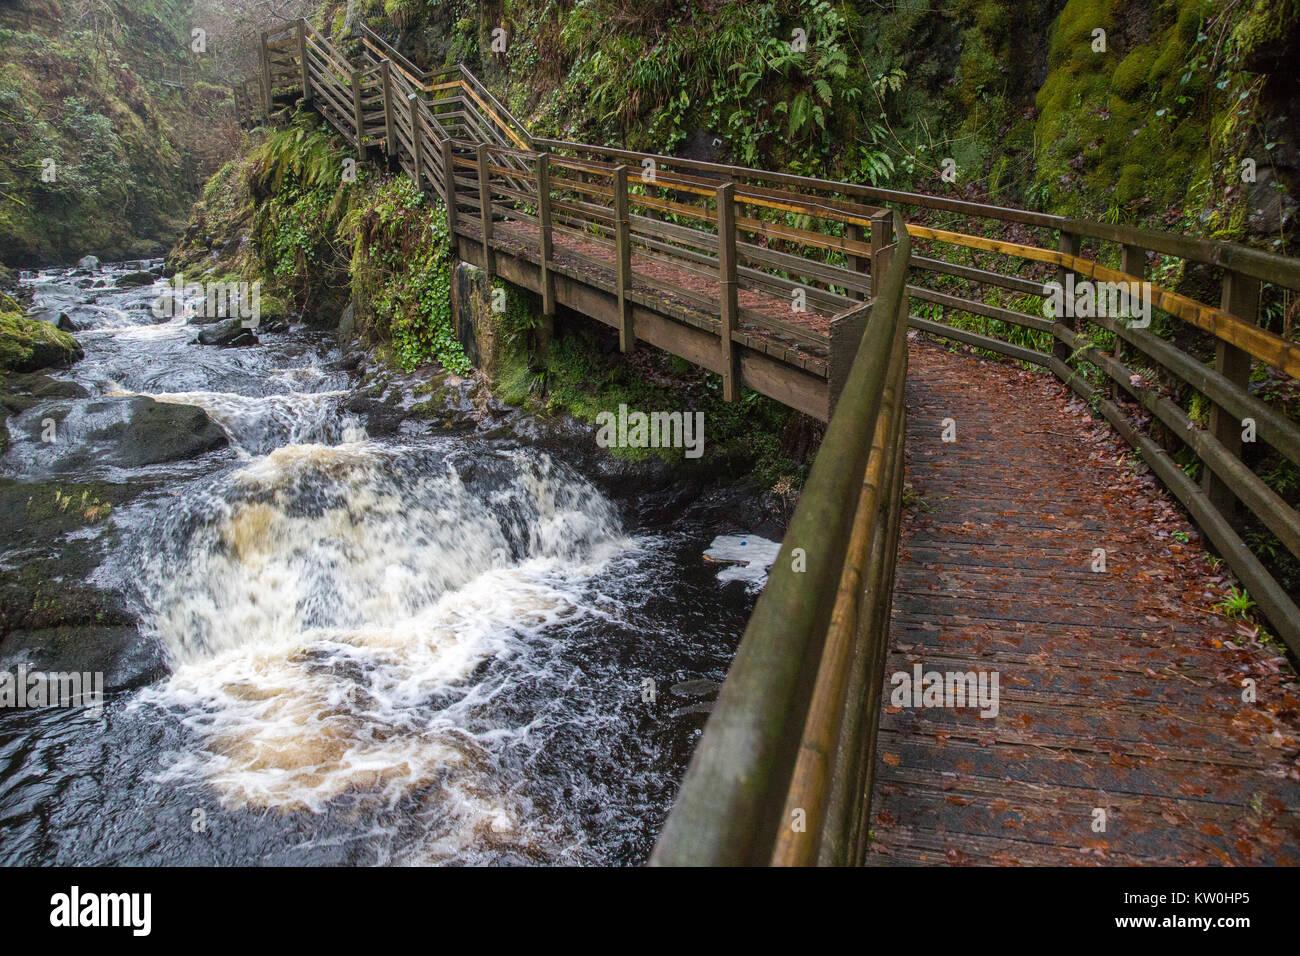 La chute d'boardwak à pied dans le parc forestier de Glenariff Banque D'Images